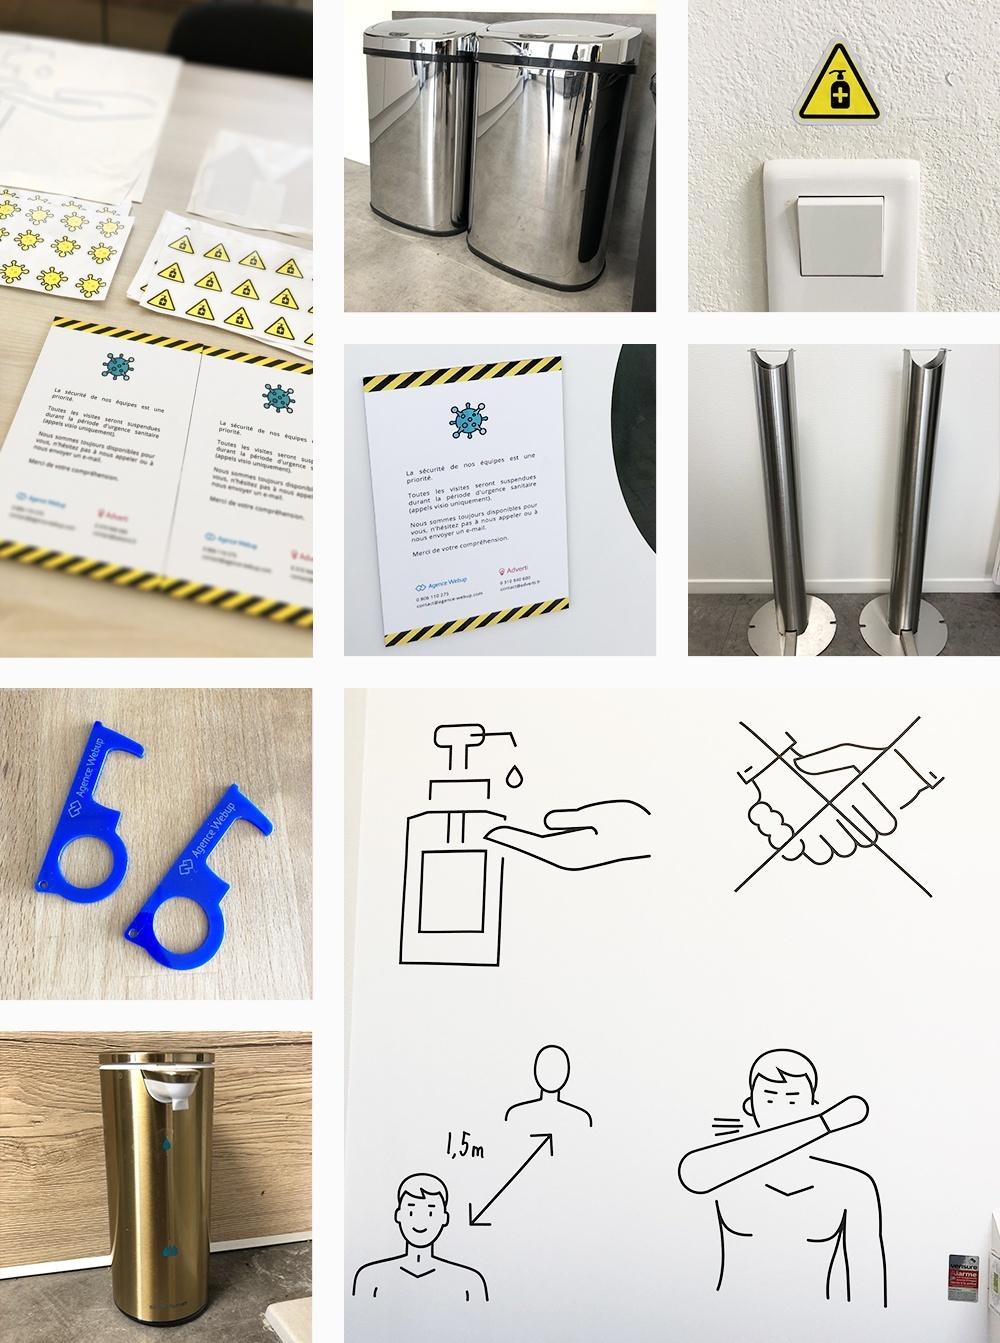 les stickers créés par l'agence pour affichage des zones sensibles